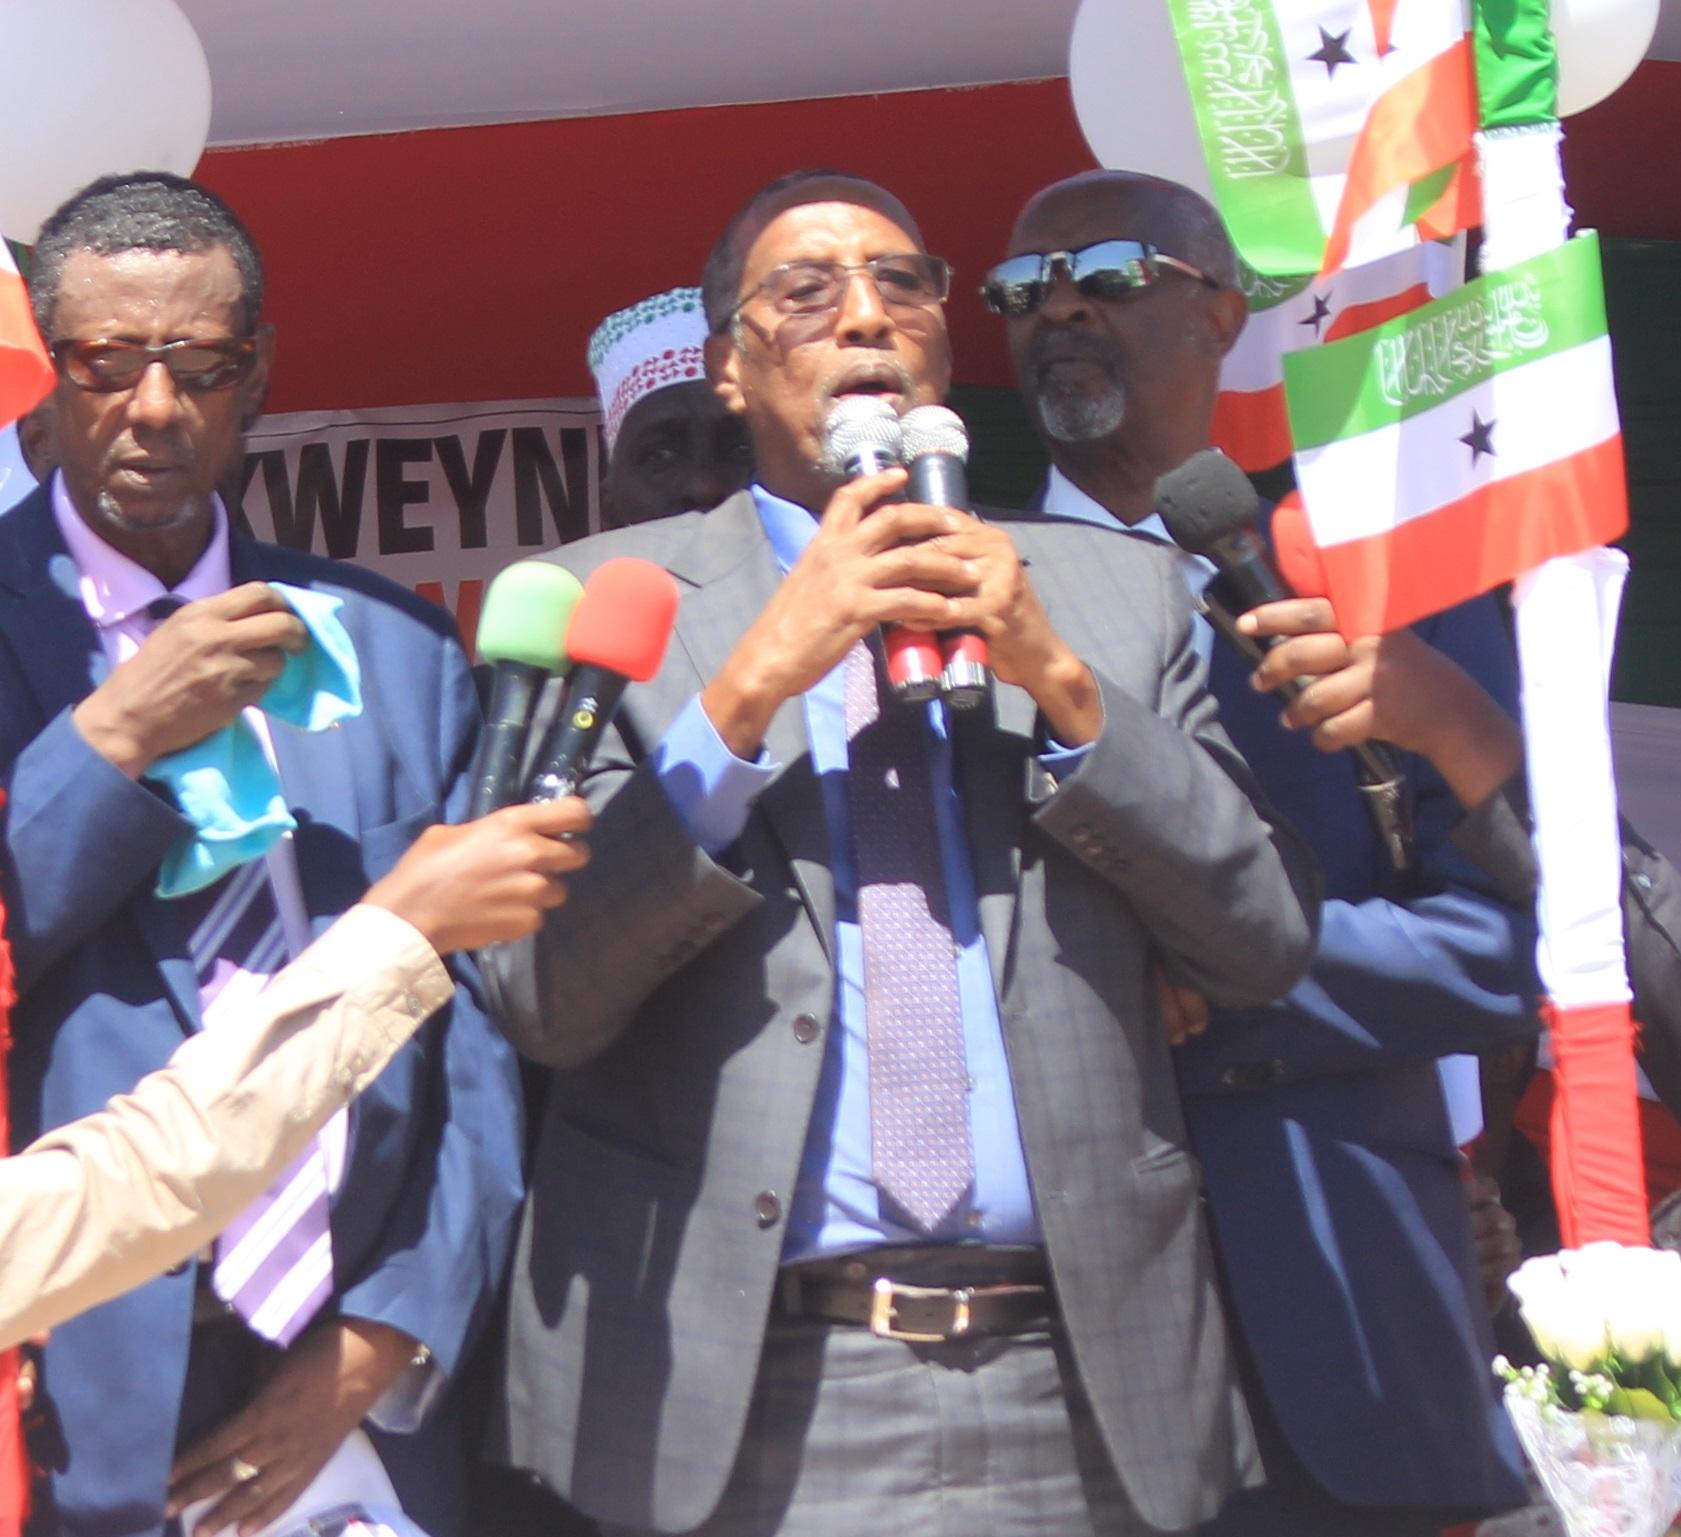 Burco:-Madaxweynaha Somaliland Oo Si Adag Ugu Hadlay Siyaasada Geeska Iyo Aeimo Kale Oo Xasaasiya Ah.